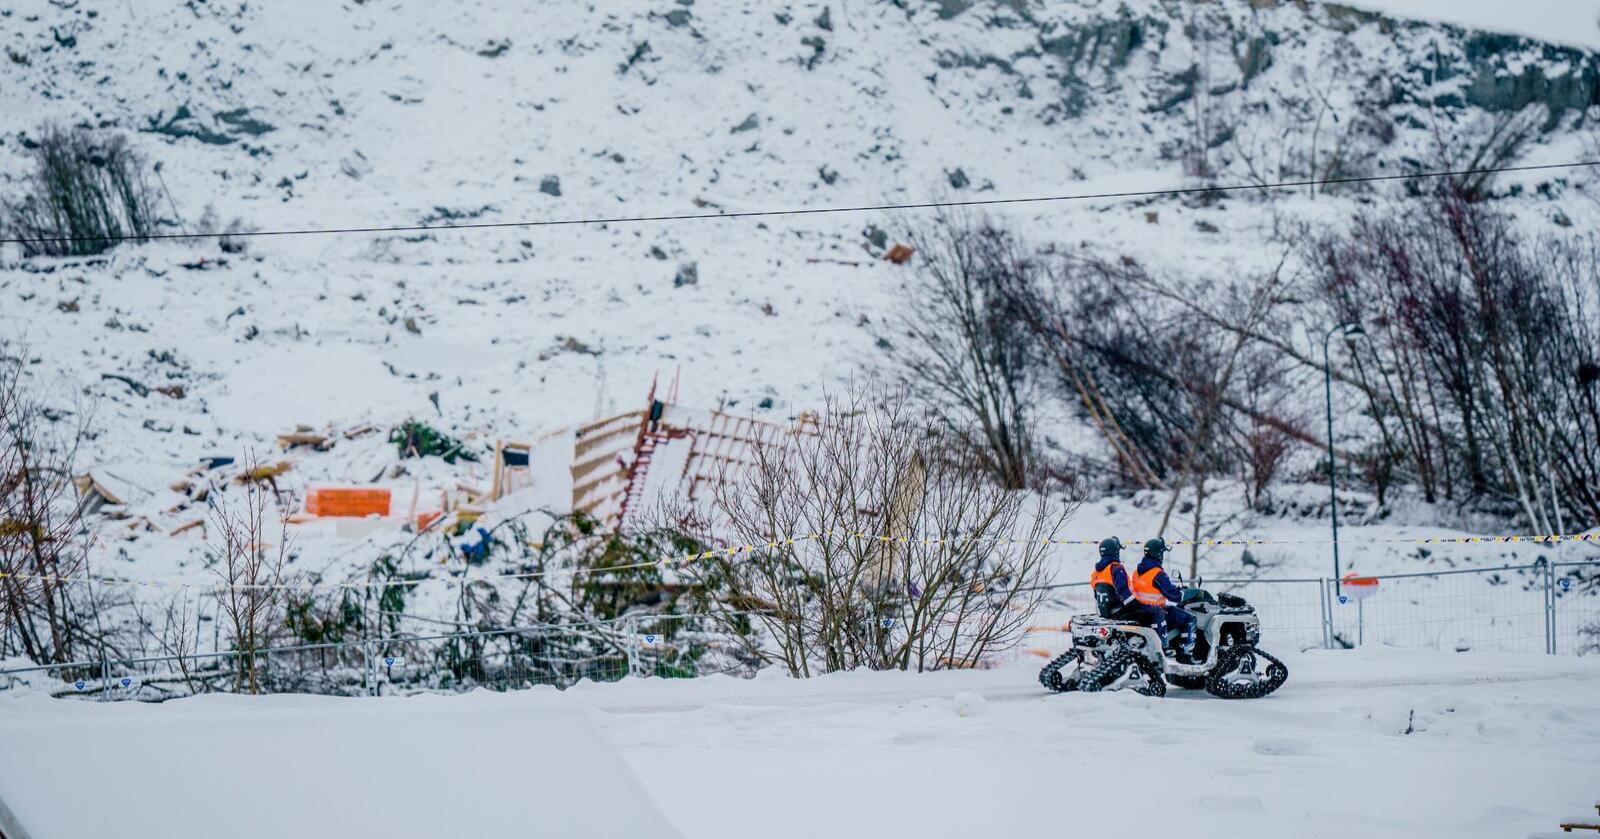 Fredag trekker Sivilforsvaret seg ut av skredområdet i Gjerdrum. Sikringen av området overtas nå av vektere. Politiet planlegger å gjenoppta søket etter de tre siste savnede i Gjerdrum-skredet førstkommende mandag. Foto: Stian Lysberg Solum / NTB